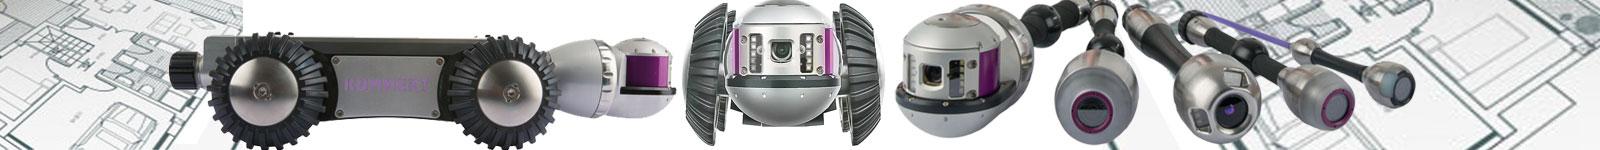 SOS Débouchage - Inspections par caméra